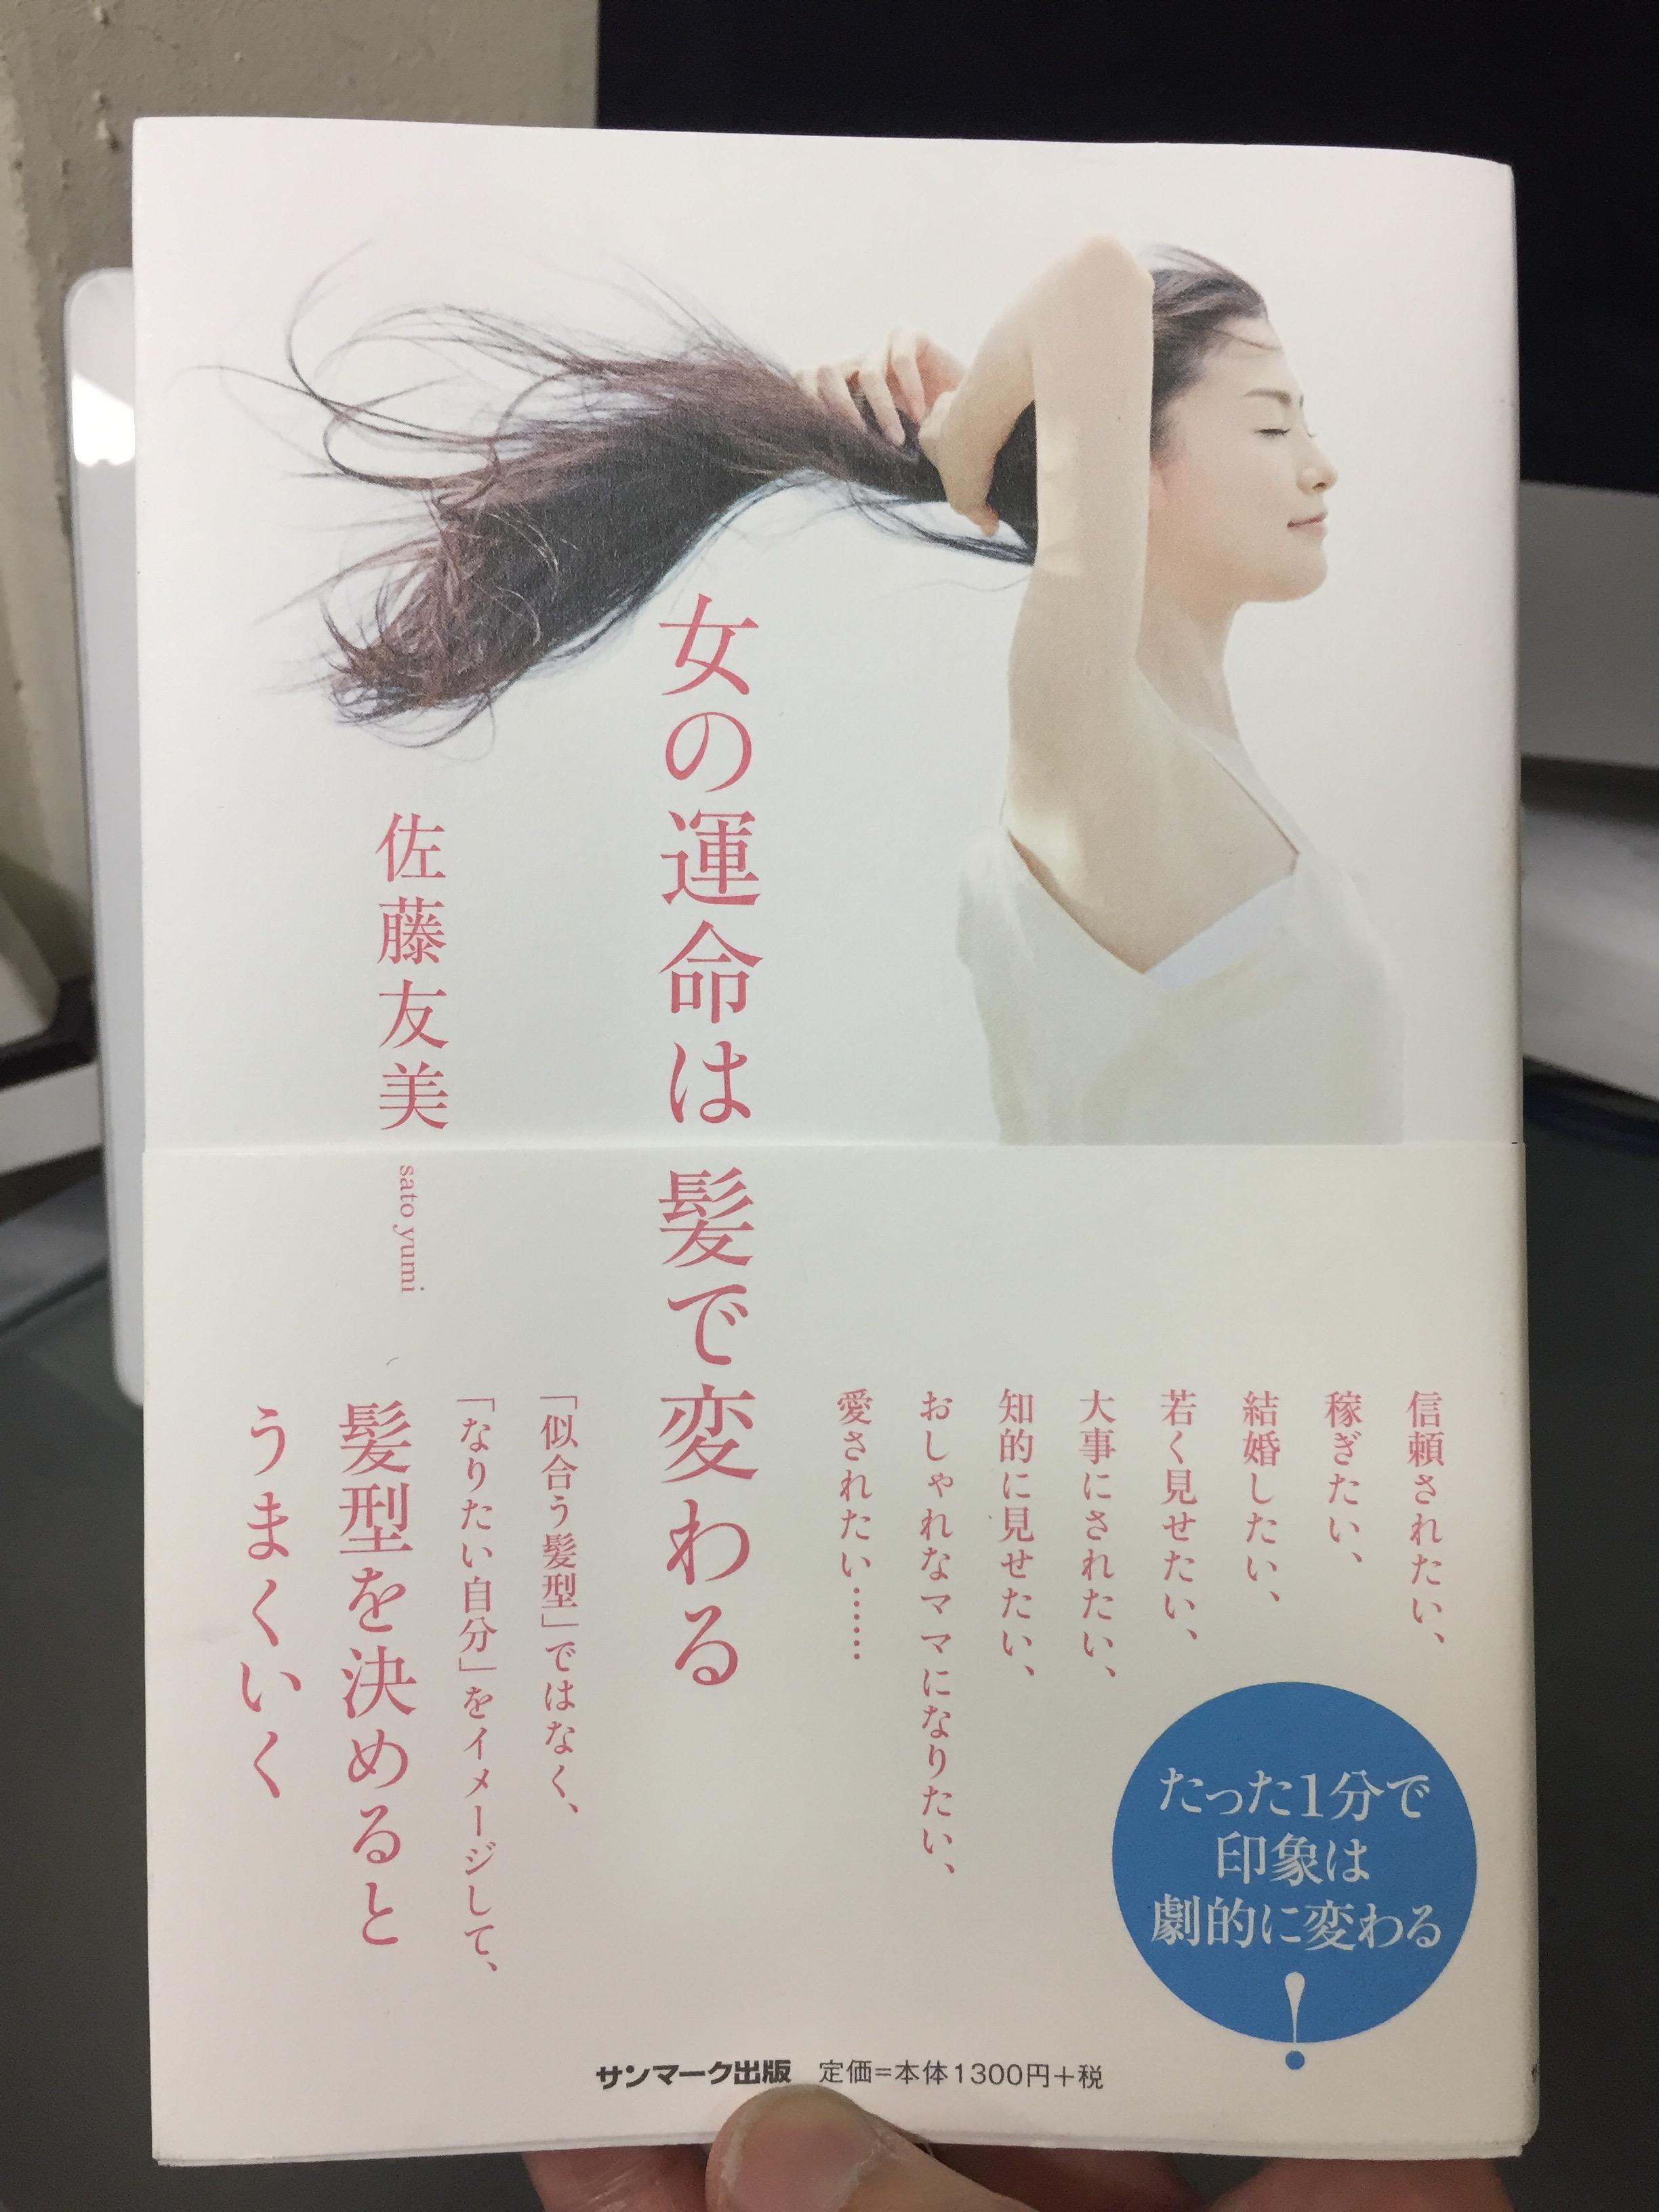 素敵な本を読みました!